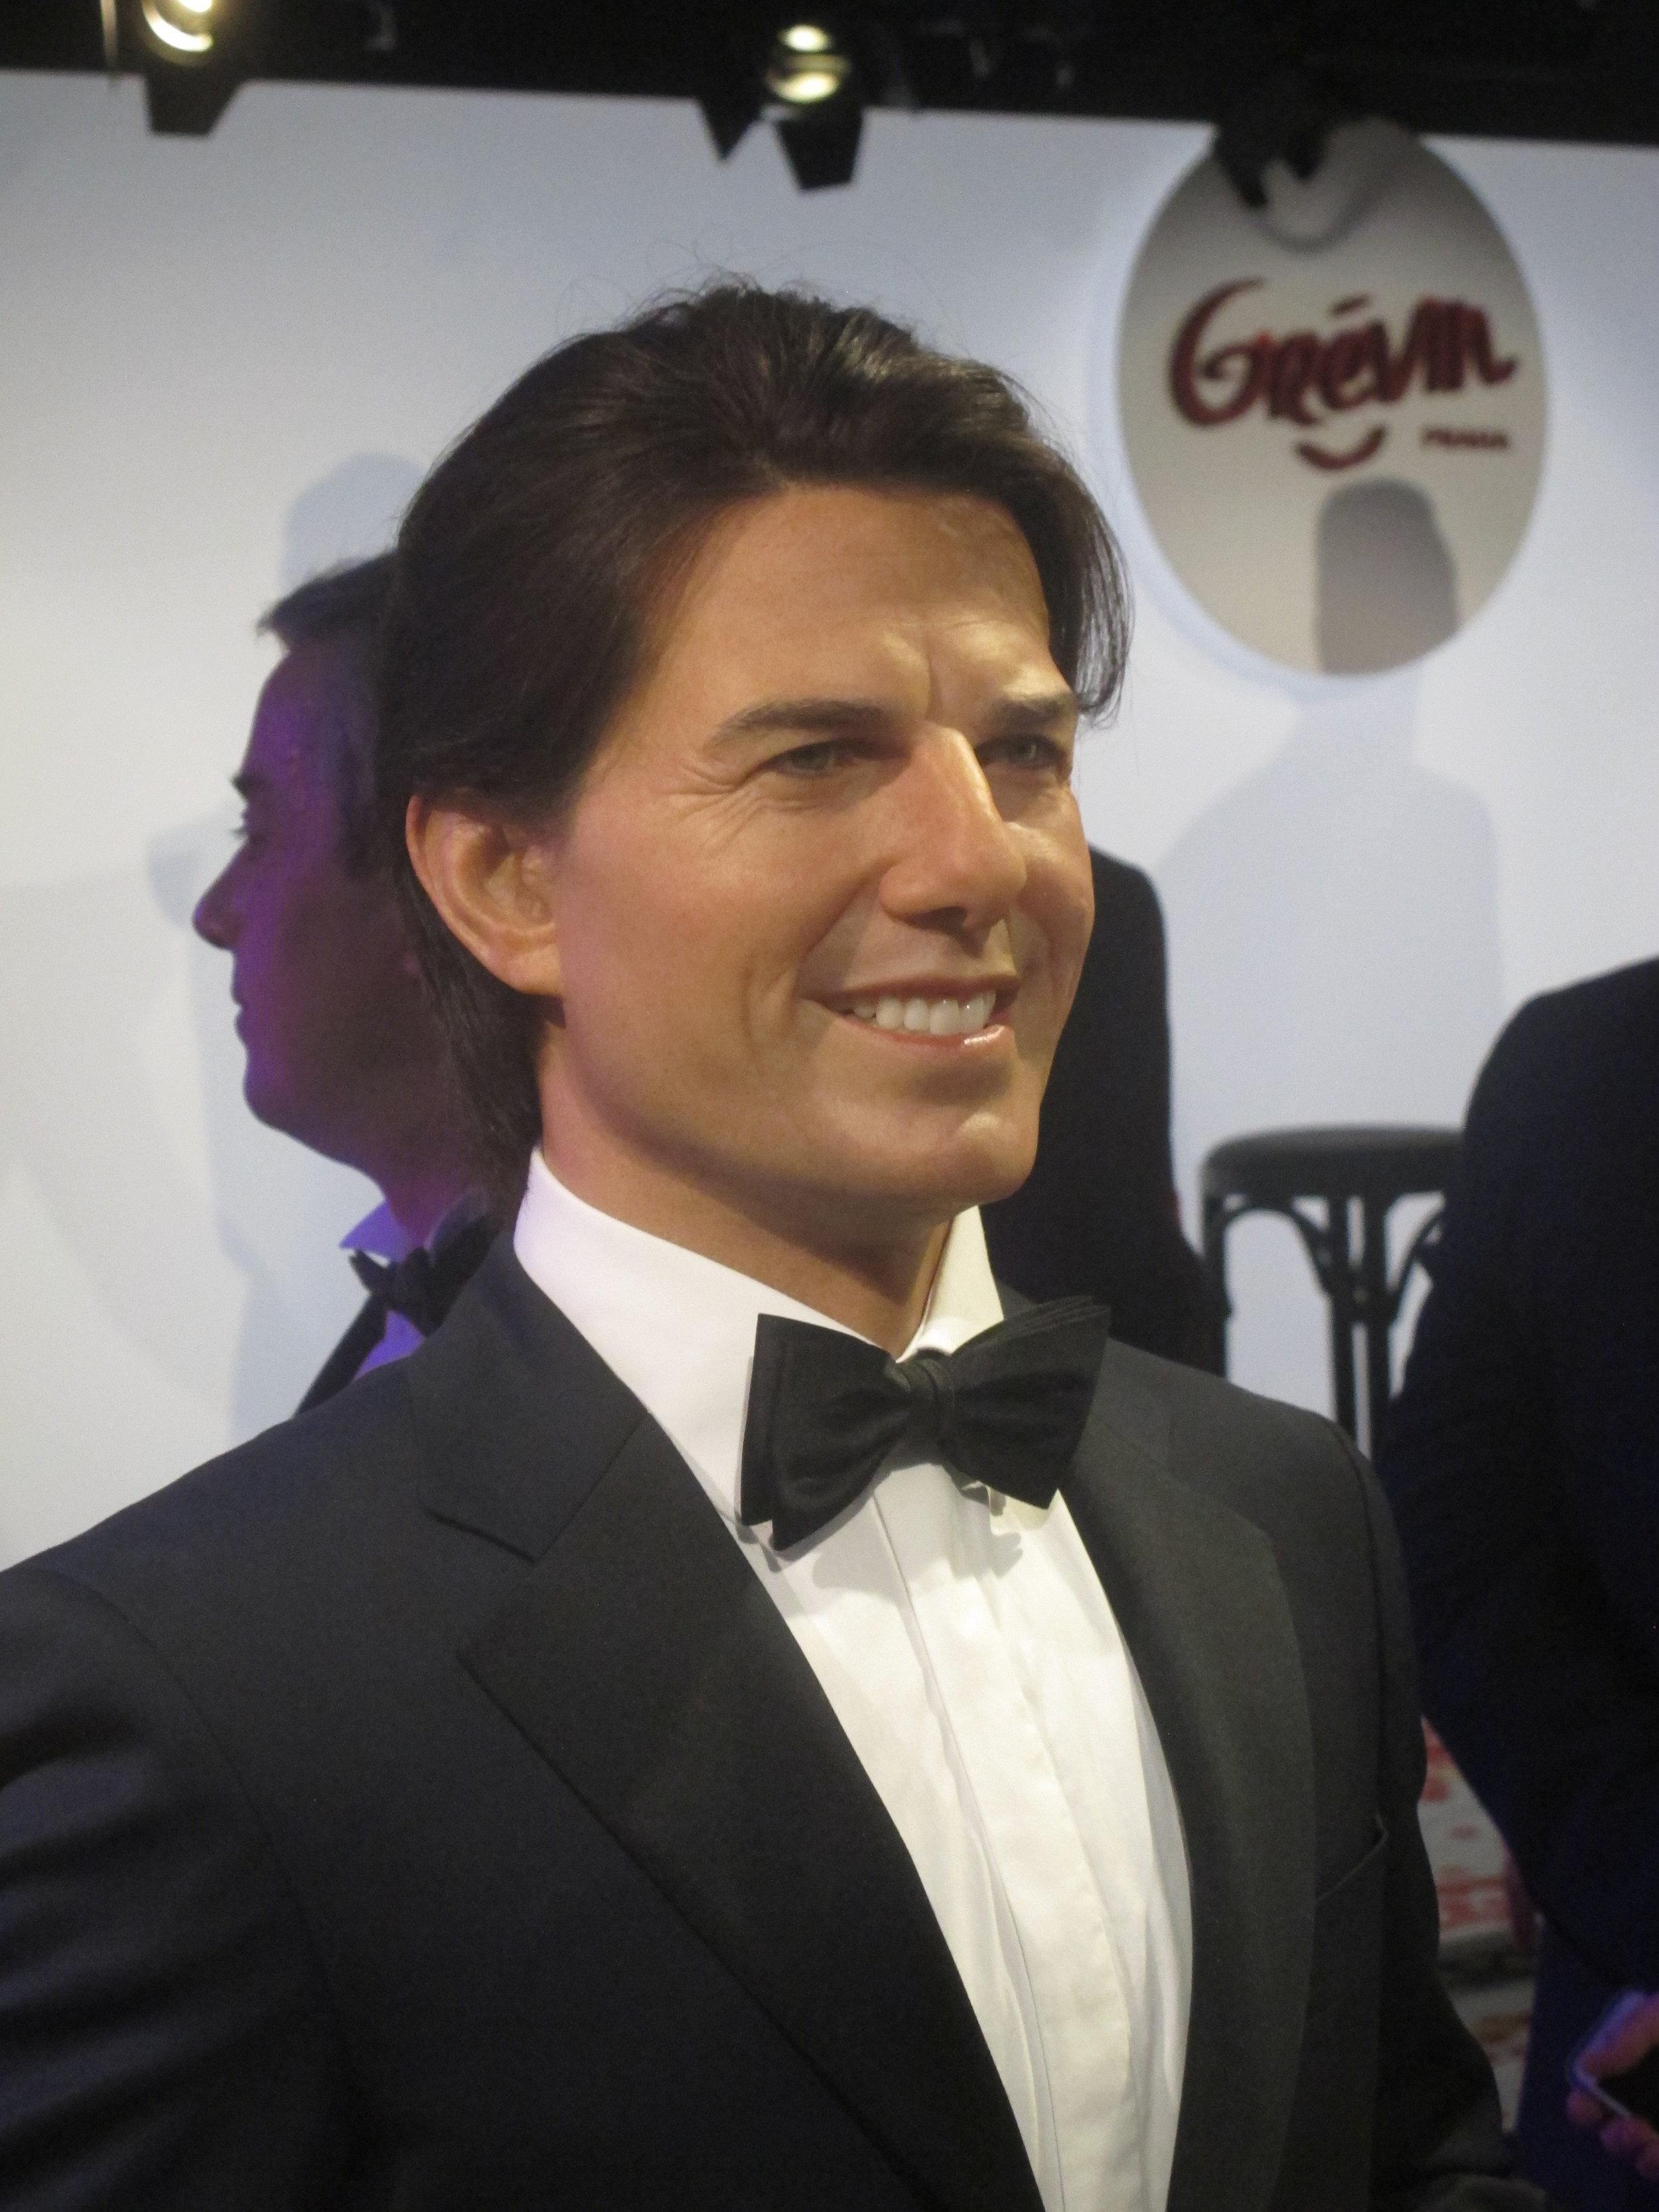 Tom Cruise - Sculpture en cire - Modelage par Eric Saint Chaffray - Credit Musée Grévin